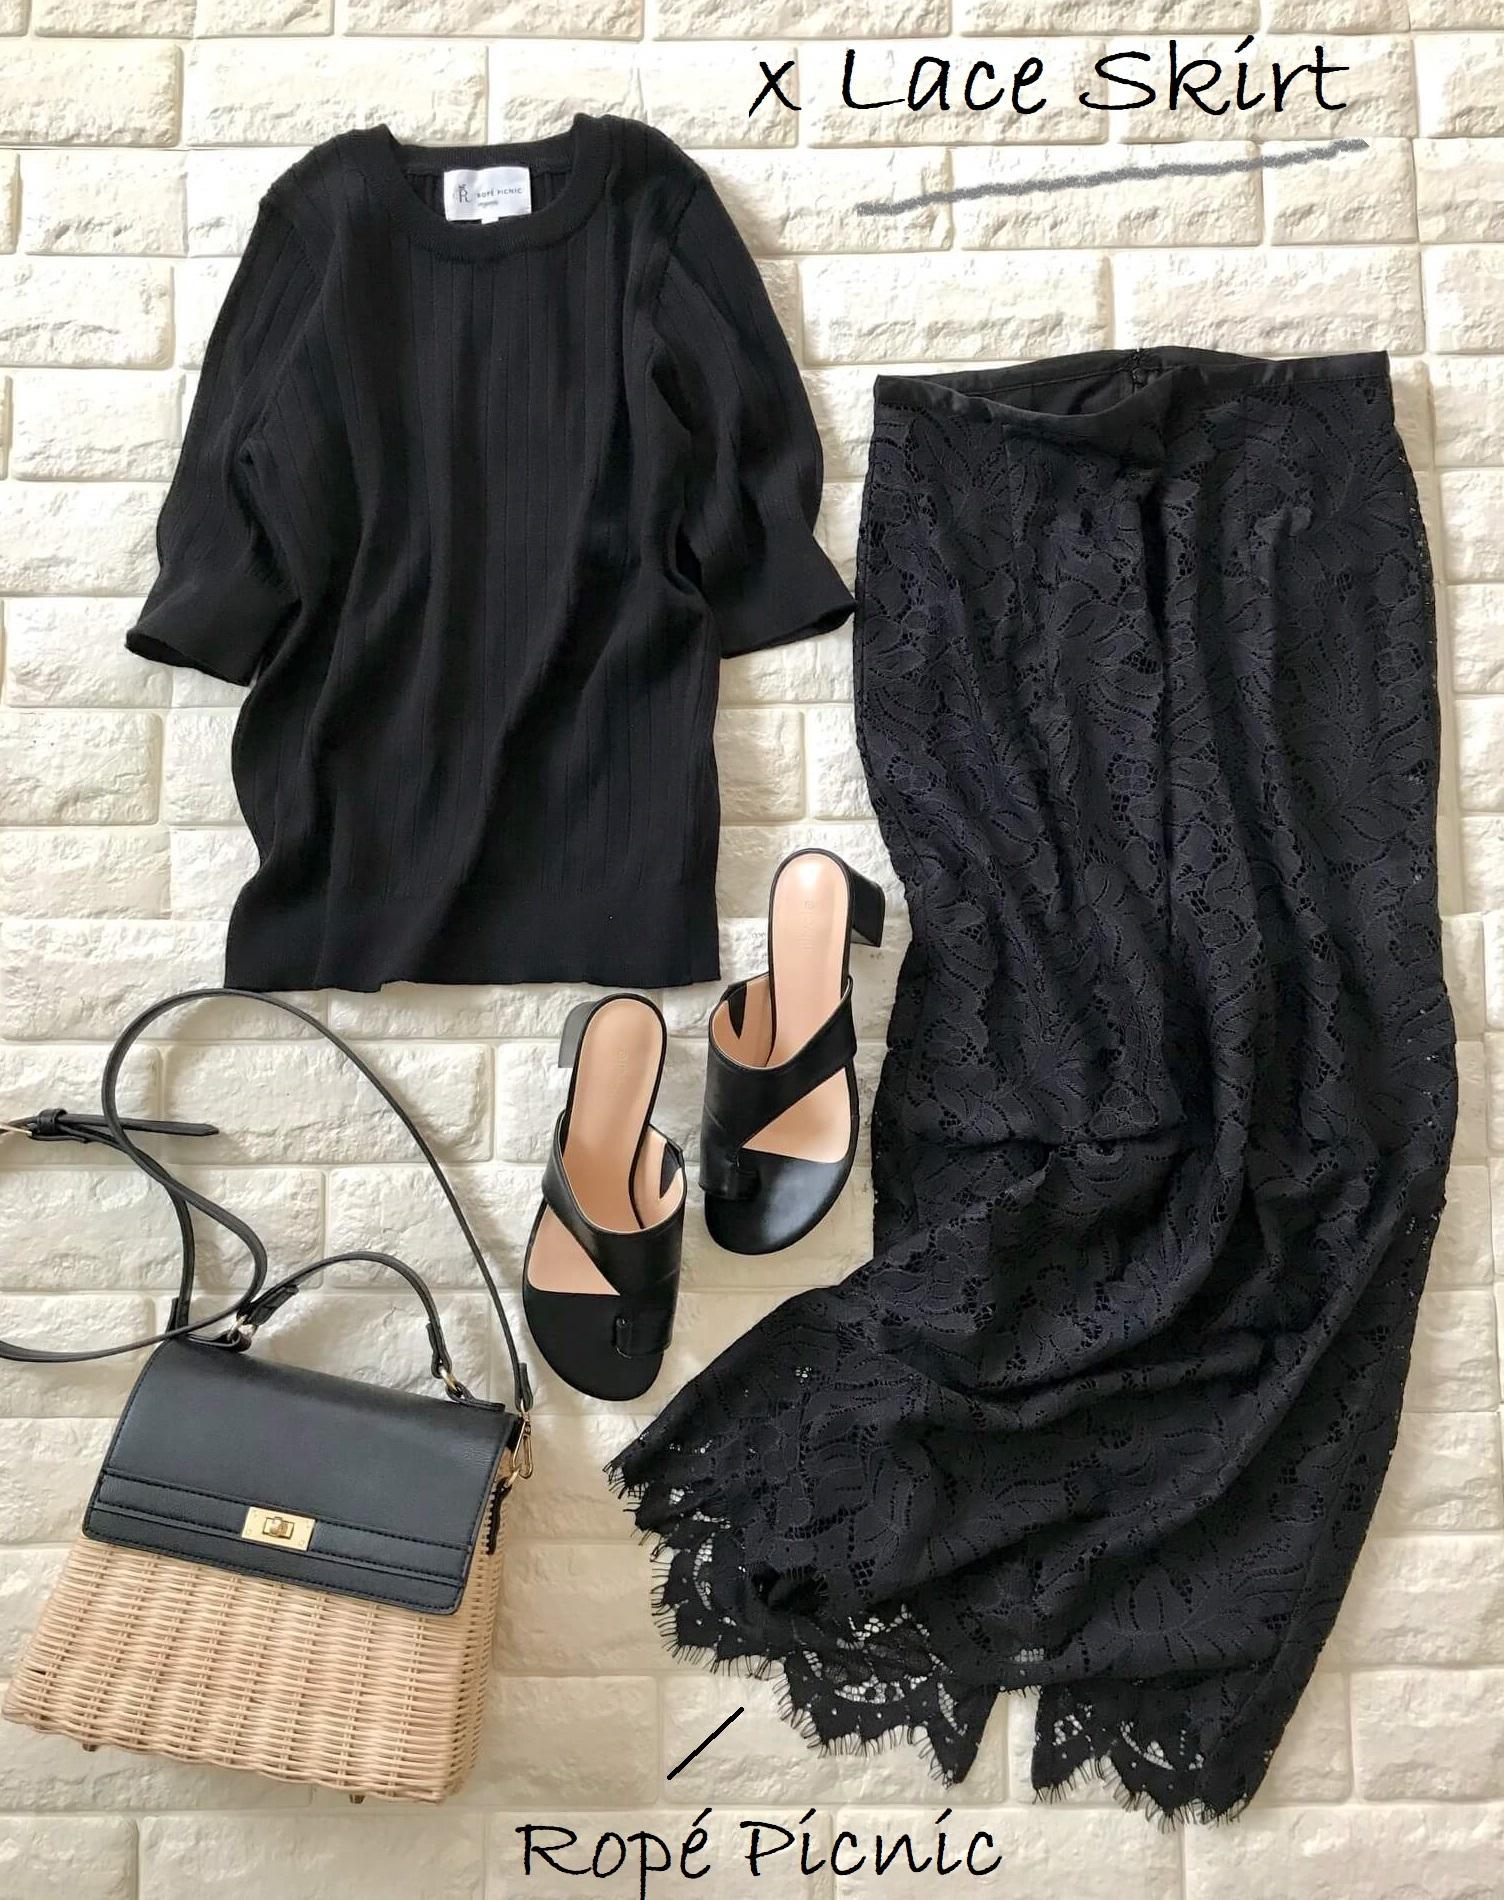 ロペピクニックの黒ニットをレースのスカートに合わせたコーデ